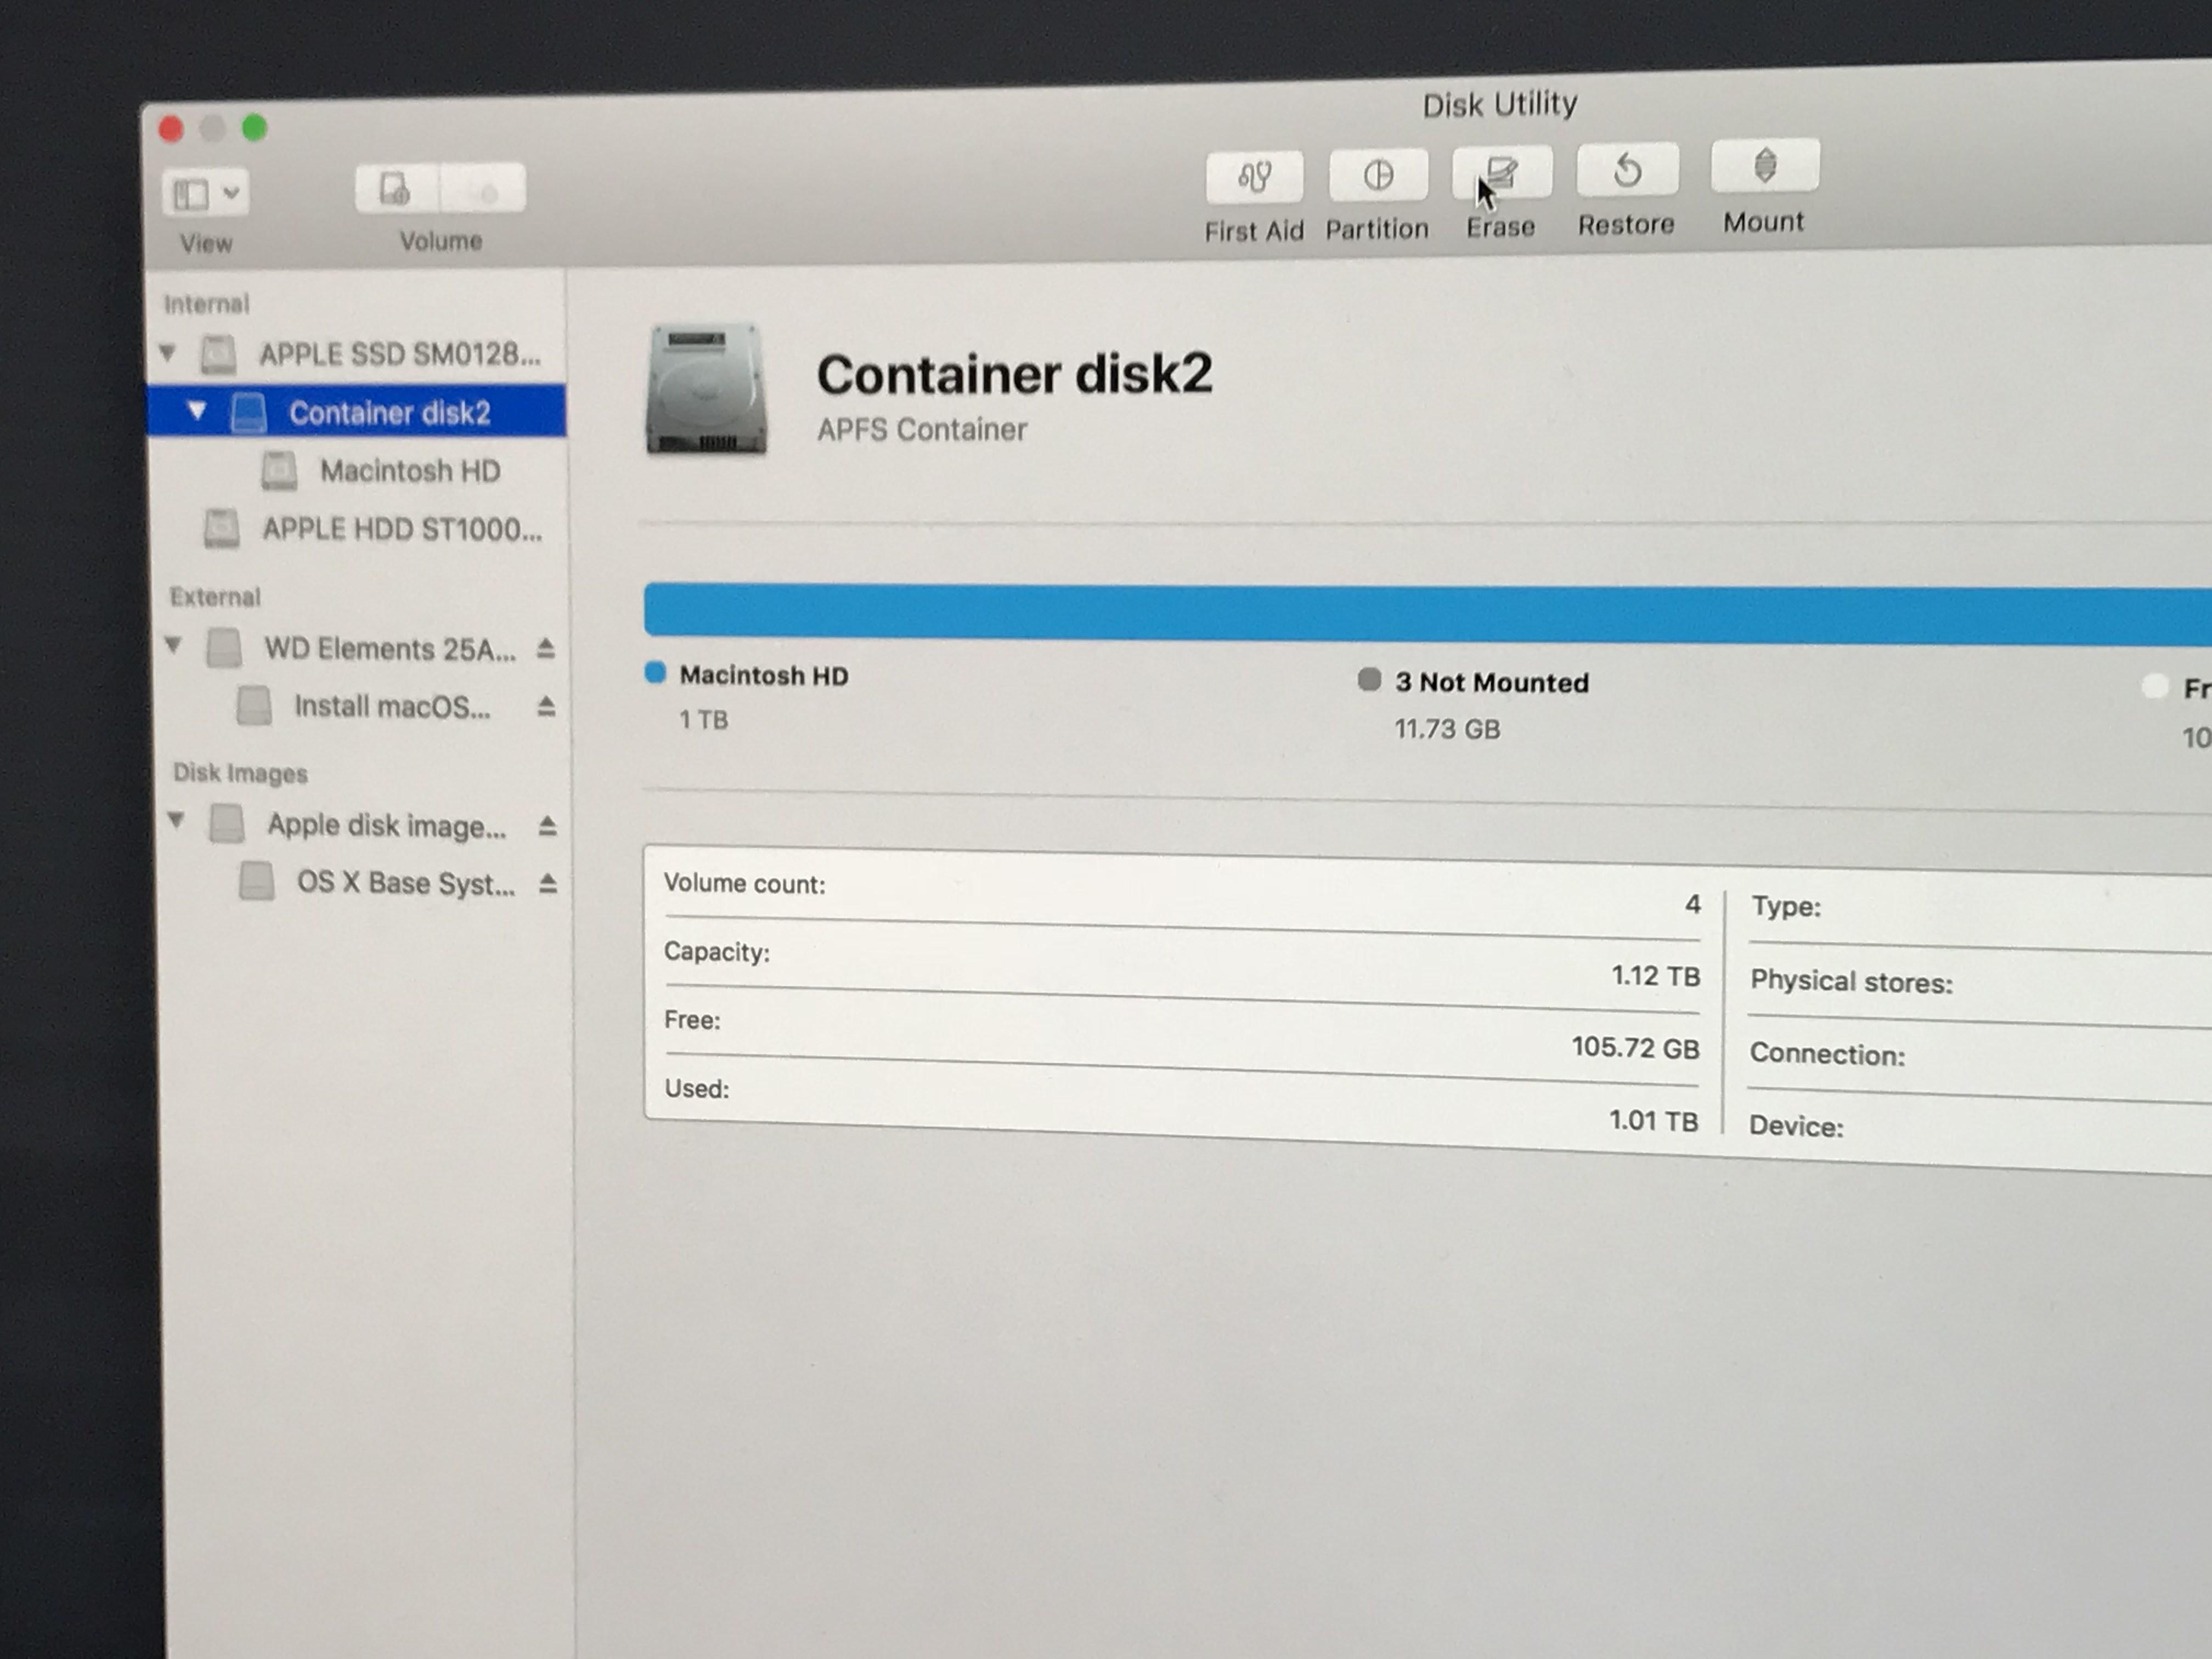 APFS container, erase.